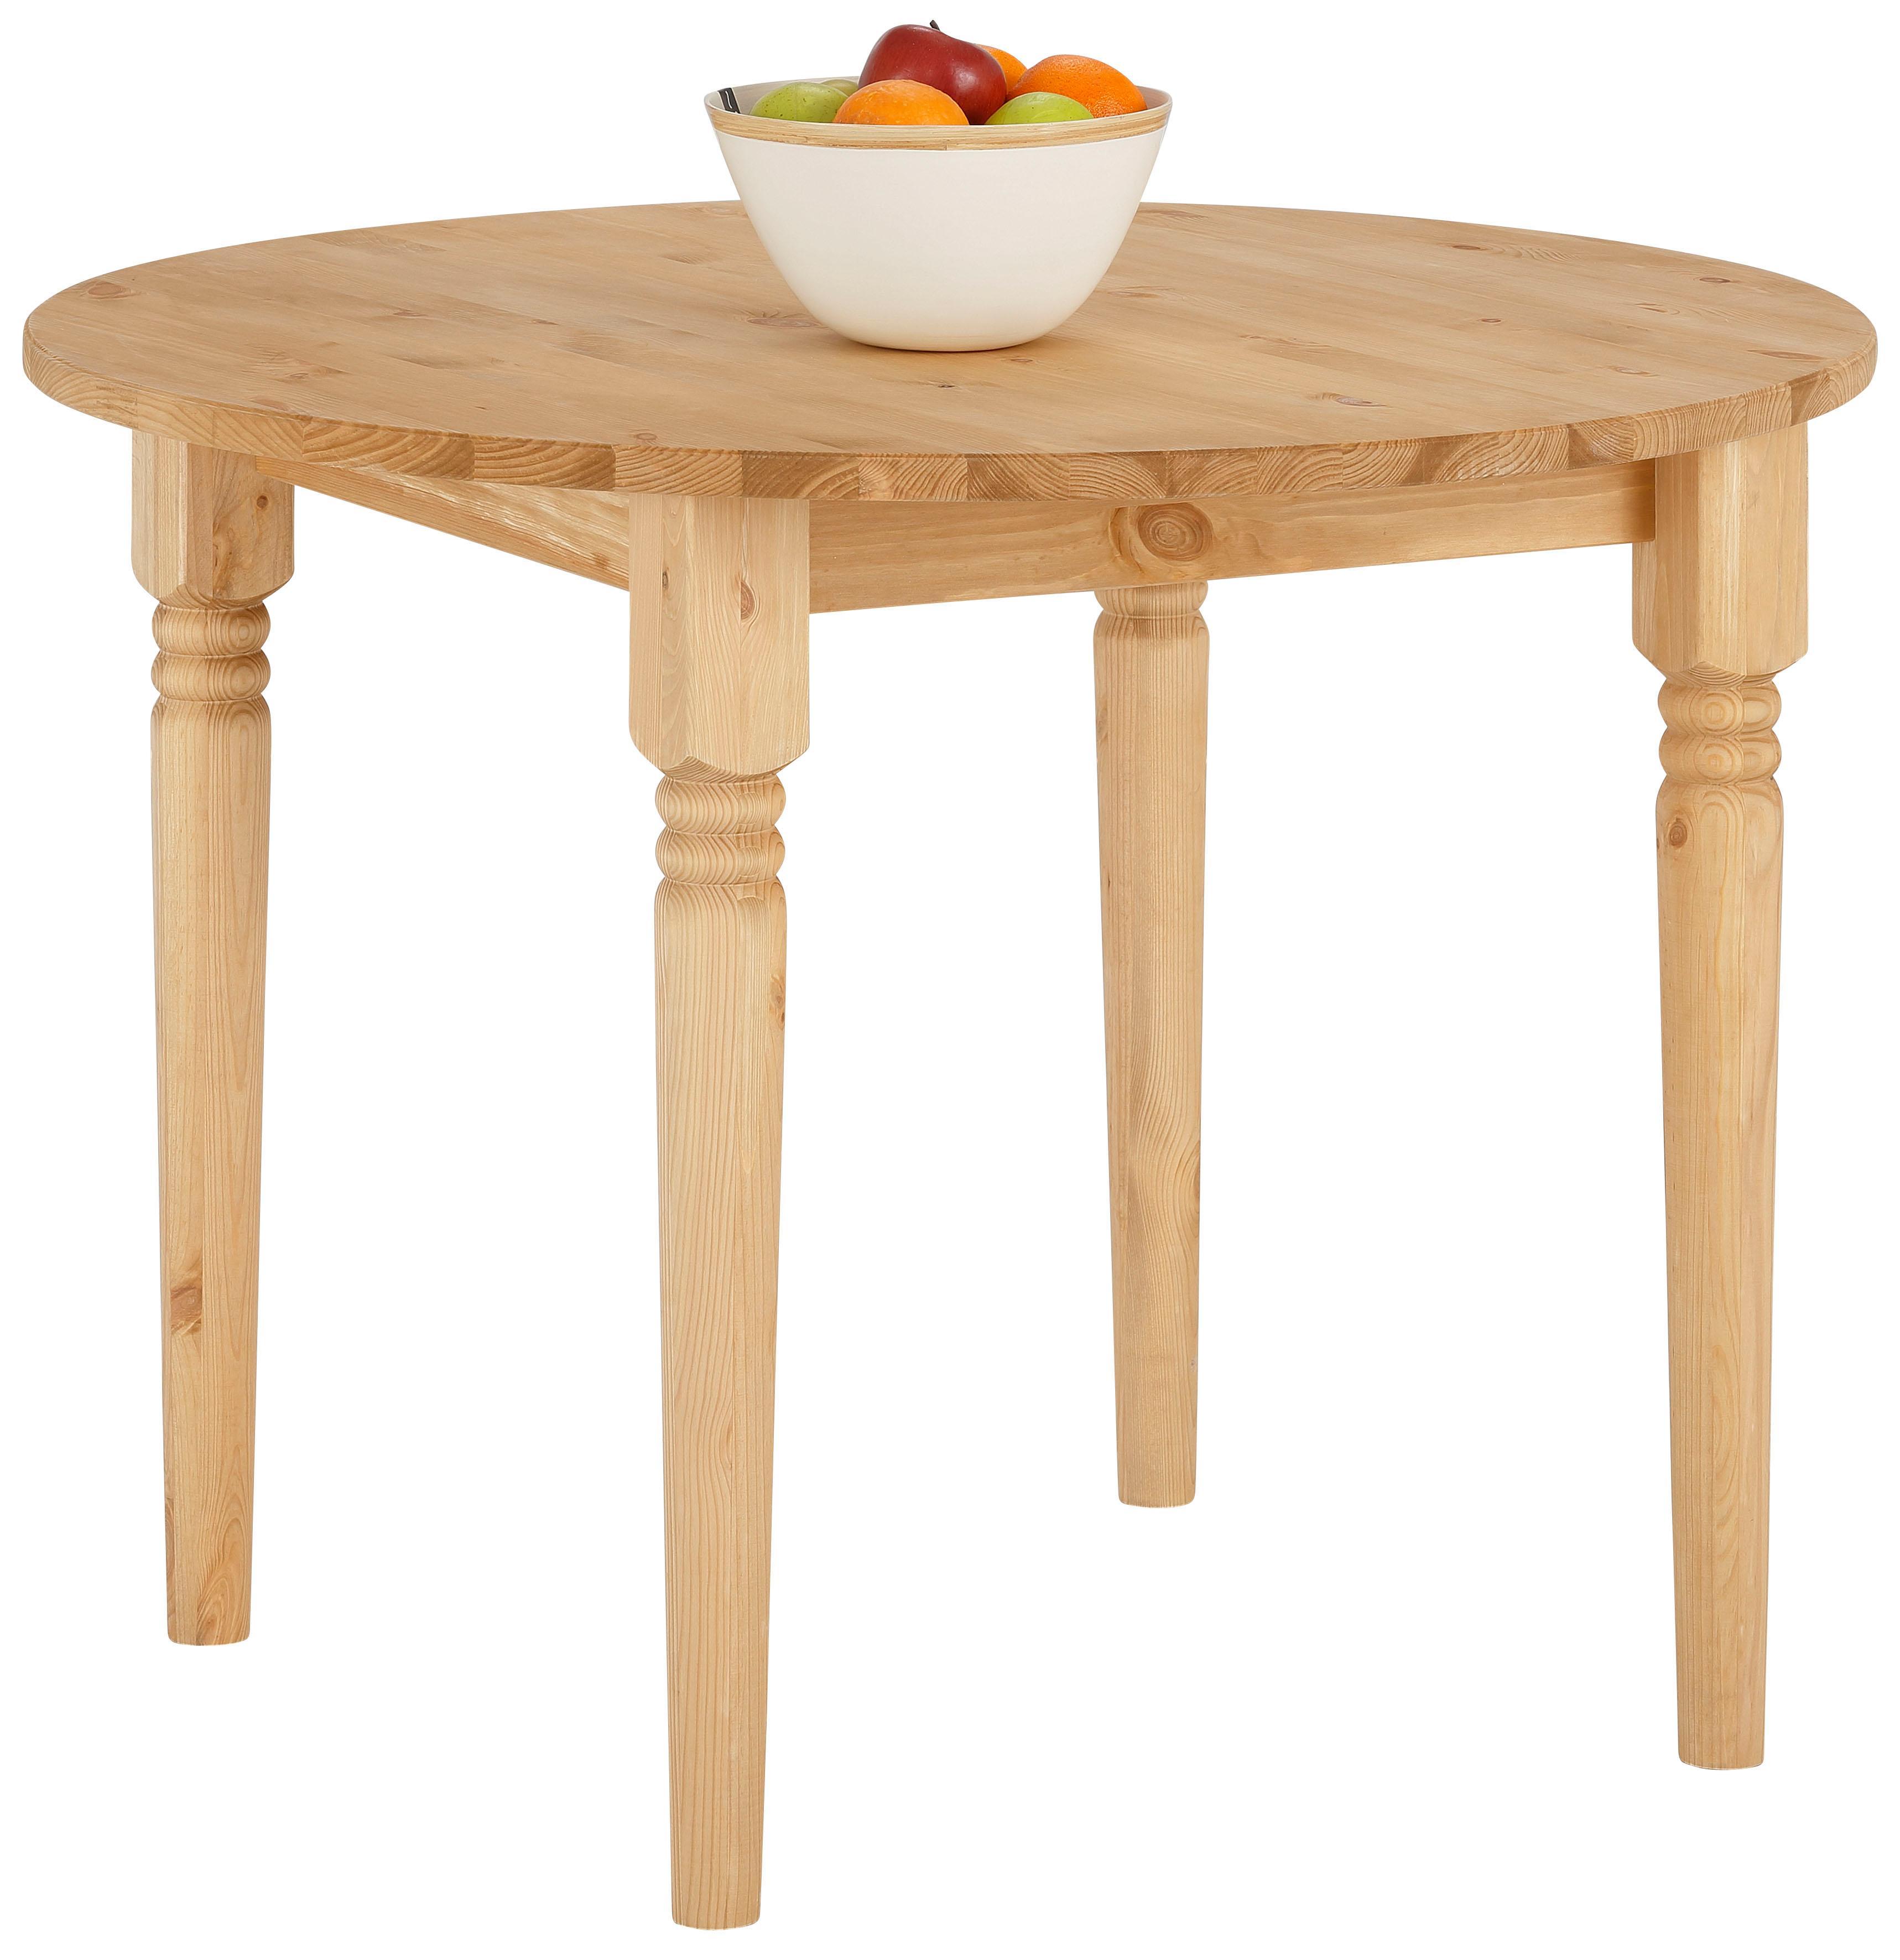 Home affaire Esstisch Jan, in runder Ausführung beige Holz-Esstische Holztische Tische